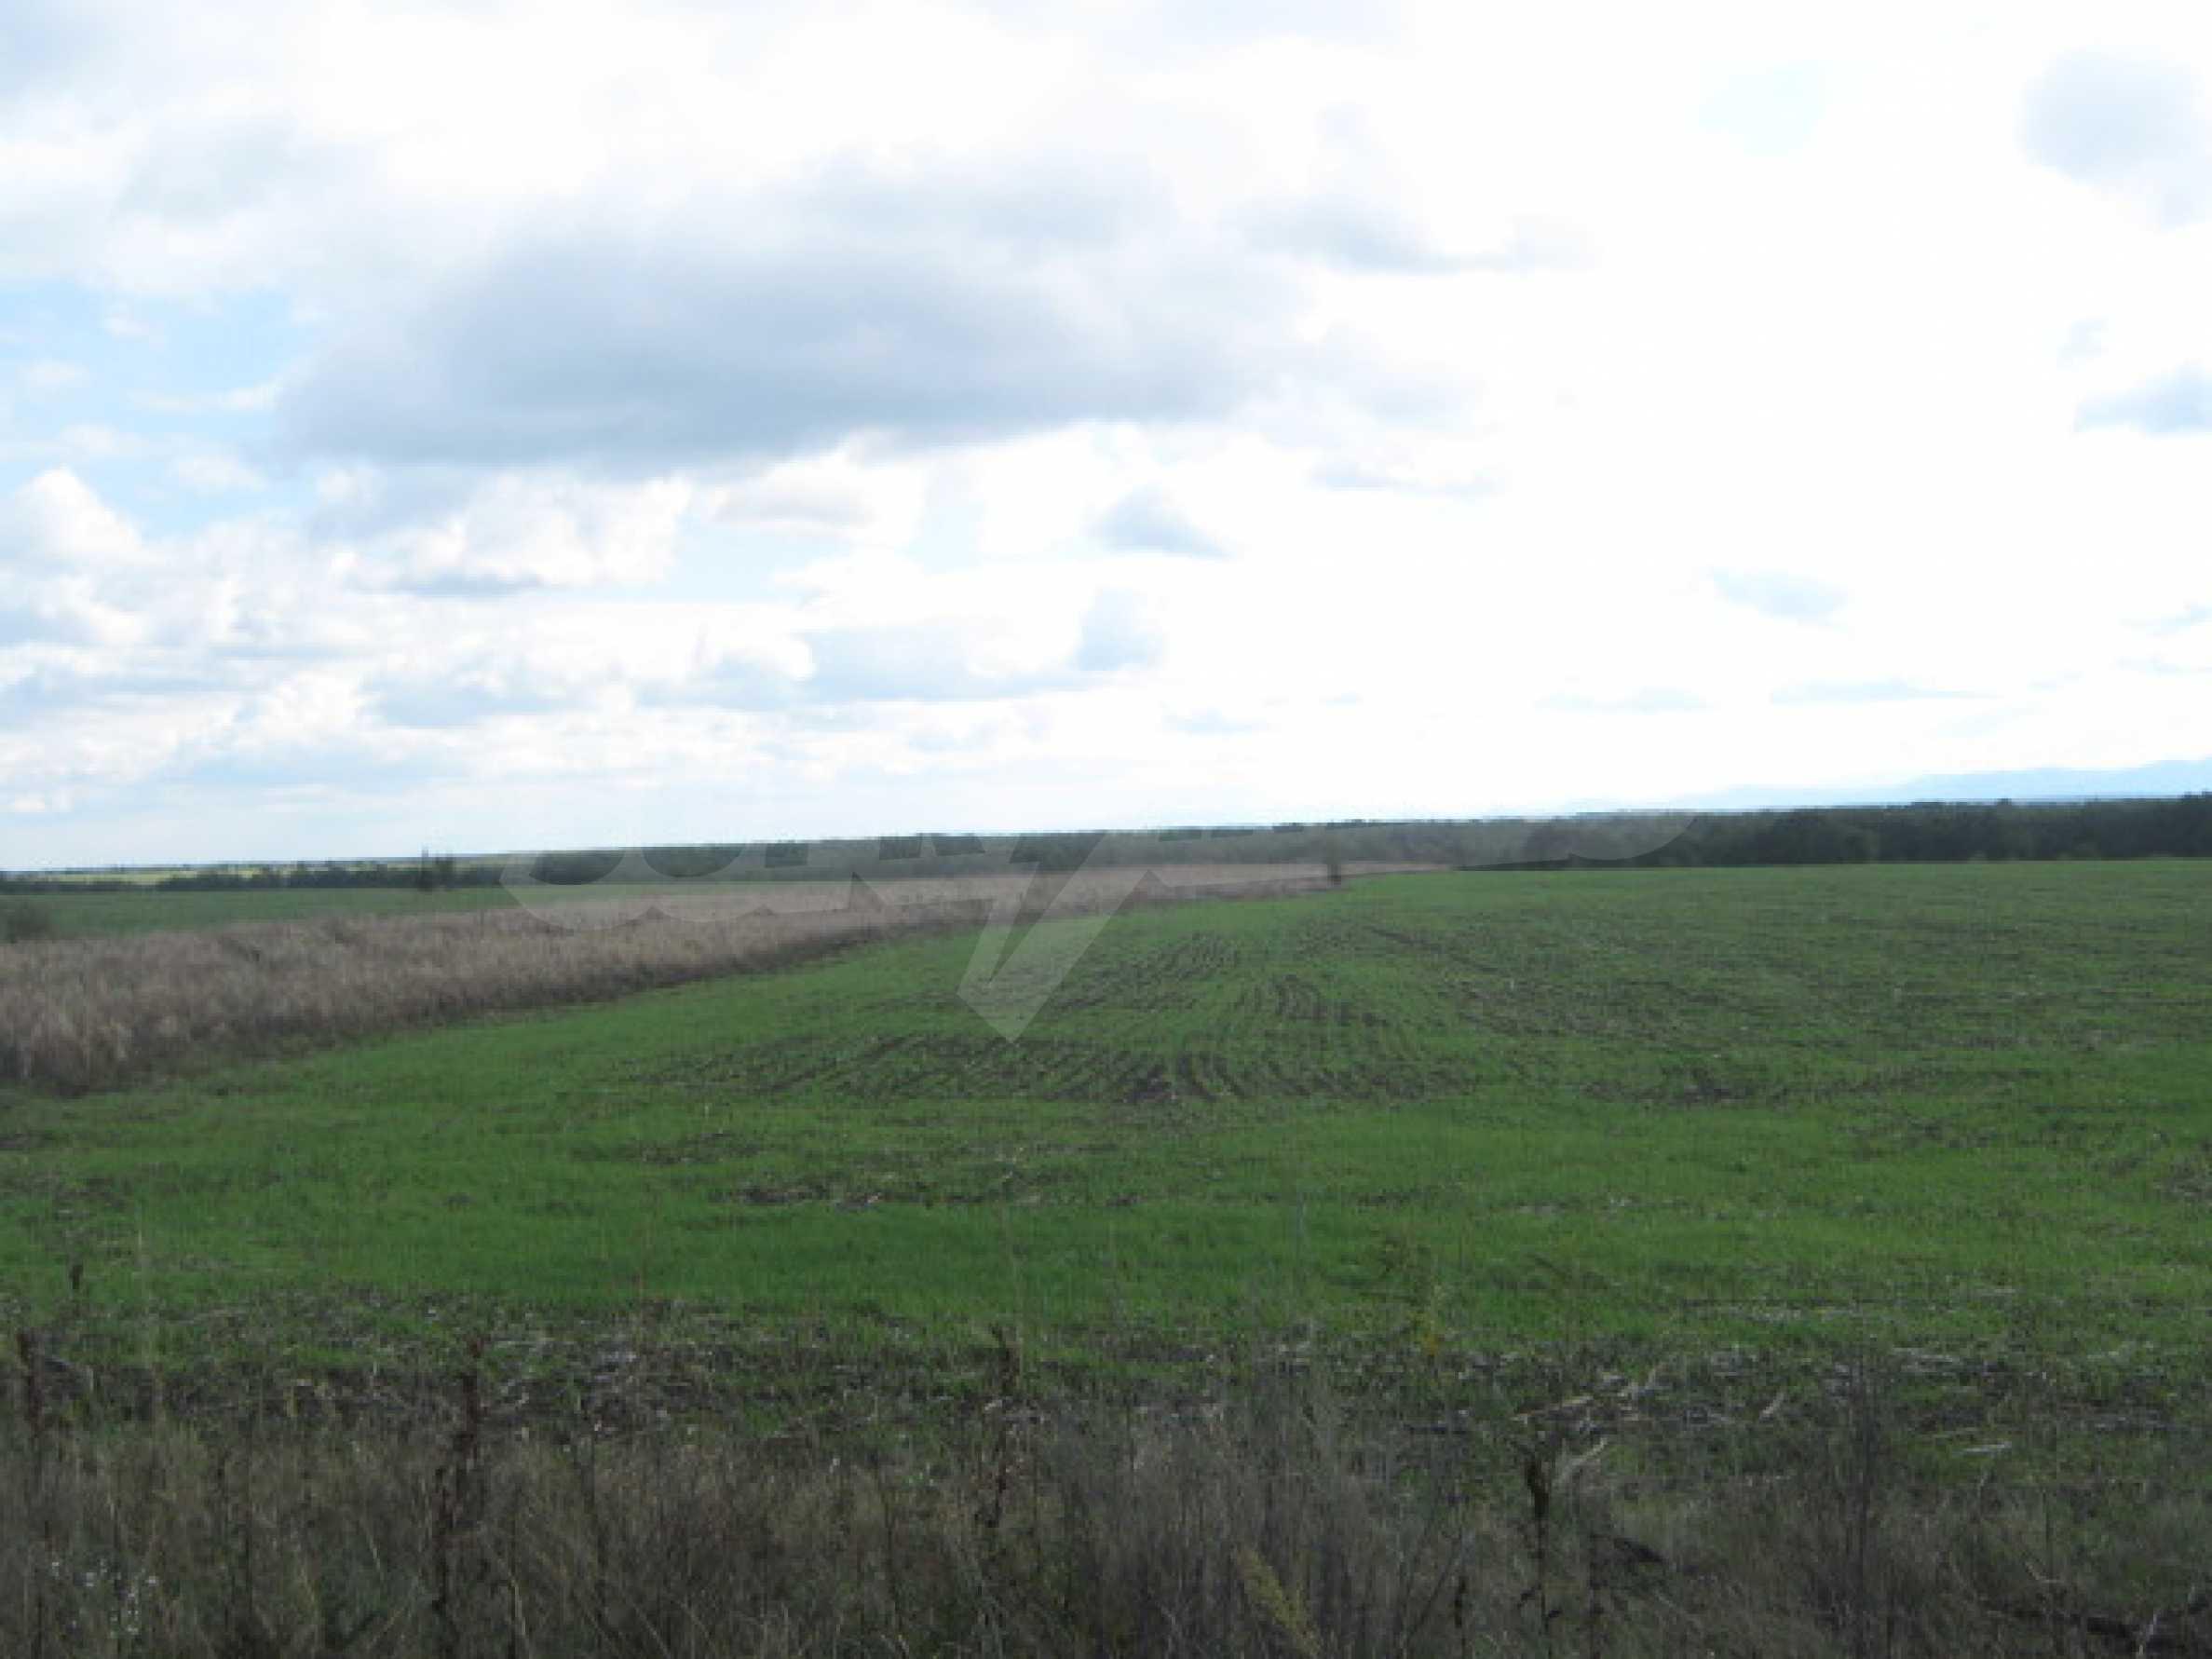 Сельскохозяйственная земля вблизи г. Видин